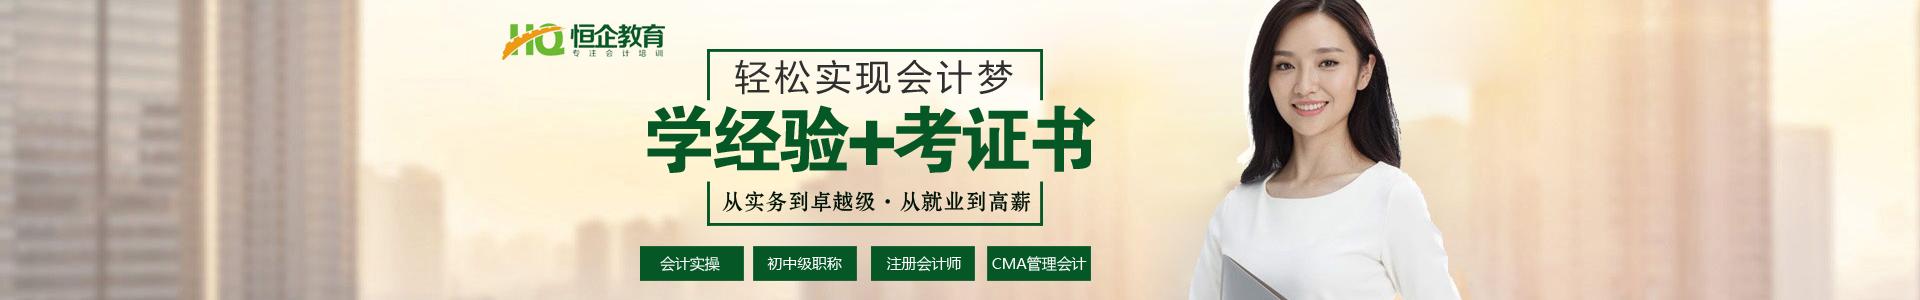 诸暨恒企会计betway体育app学校 横幅广告